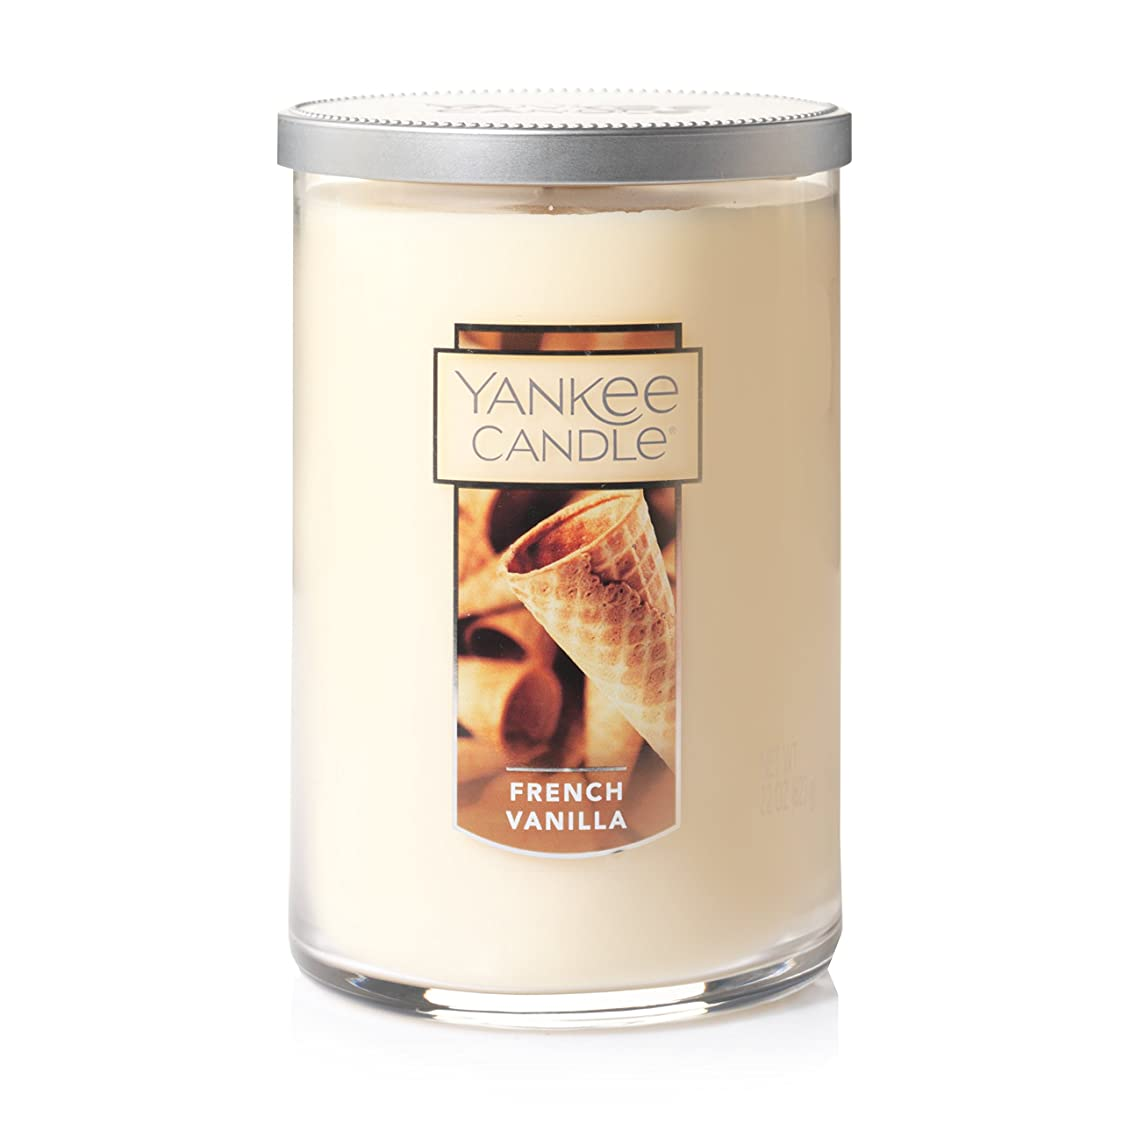 建てるローラーオーナーYankee Candle Company Yankee Candle ミディアムジャーキャンドル Large 2-Wick Tumbler Candle 1125728Z